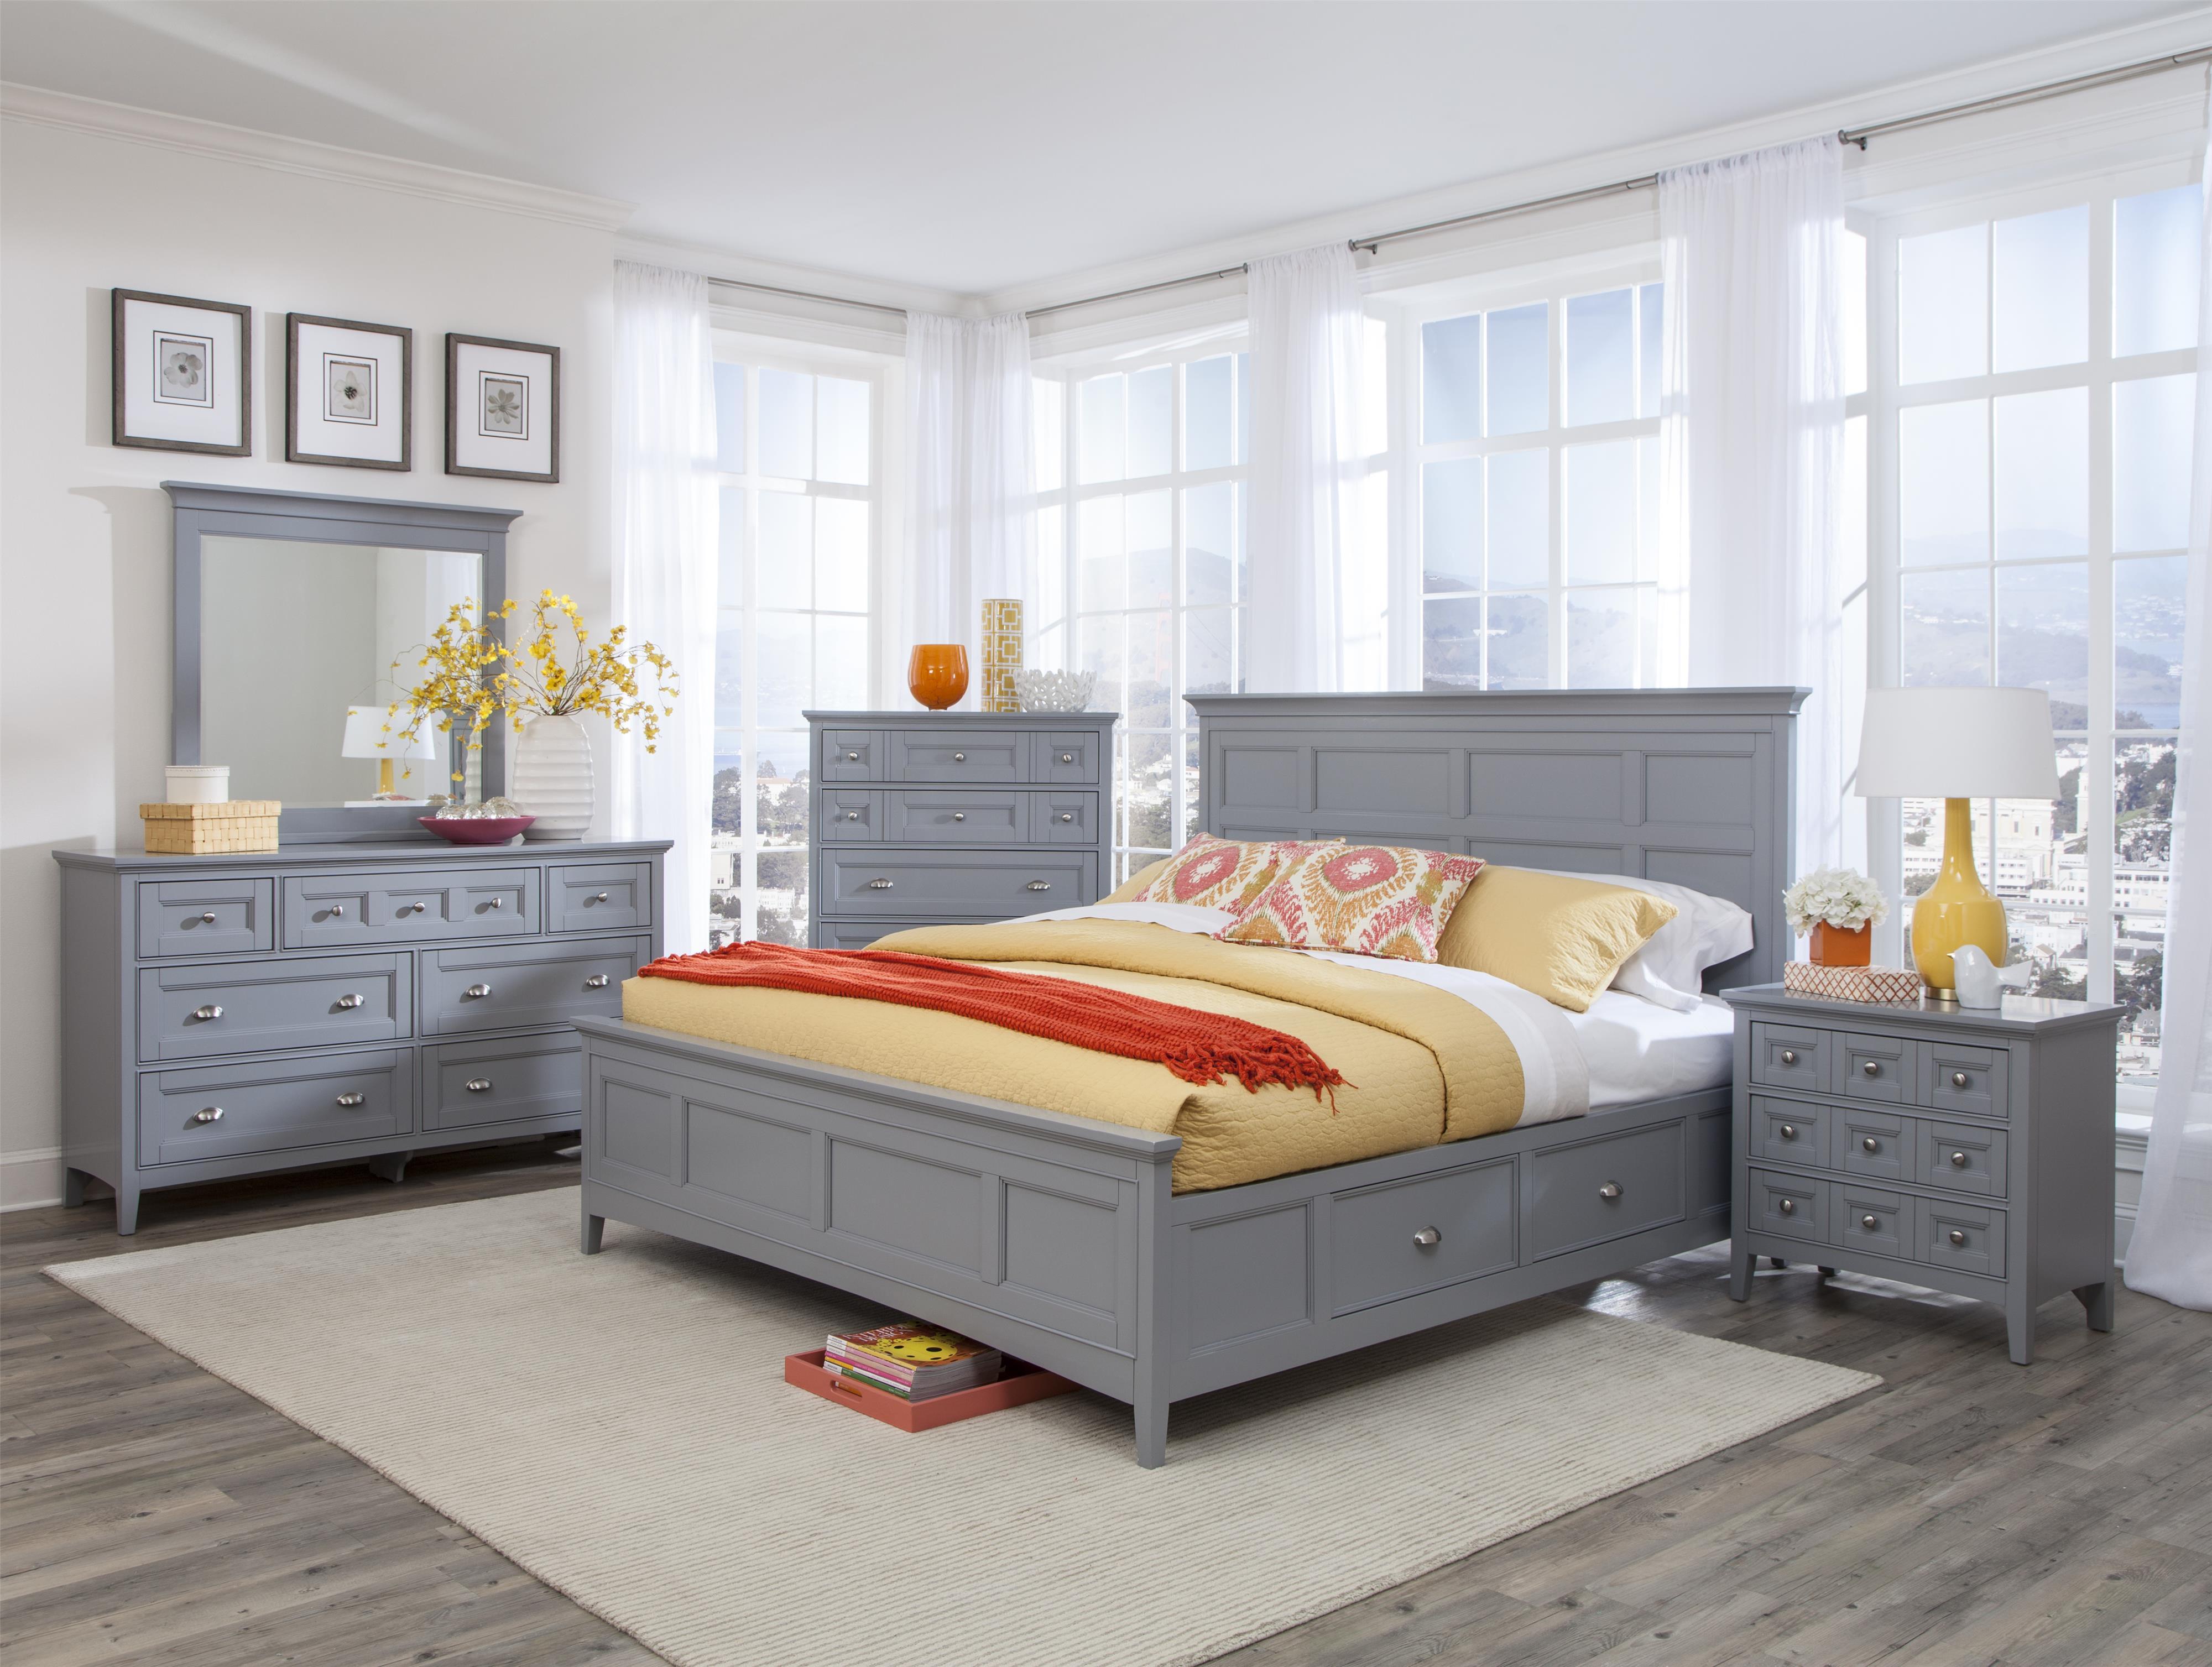 Magnussen Home Mason 5PC Queen Bedroom Set - Item Number: B3572 Q Bedroom Group 1